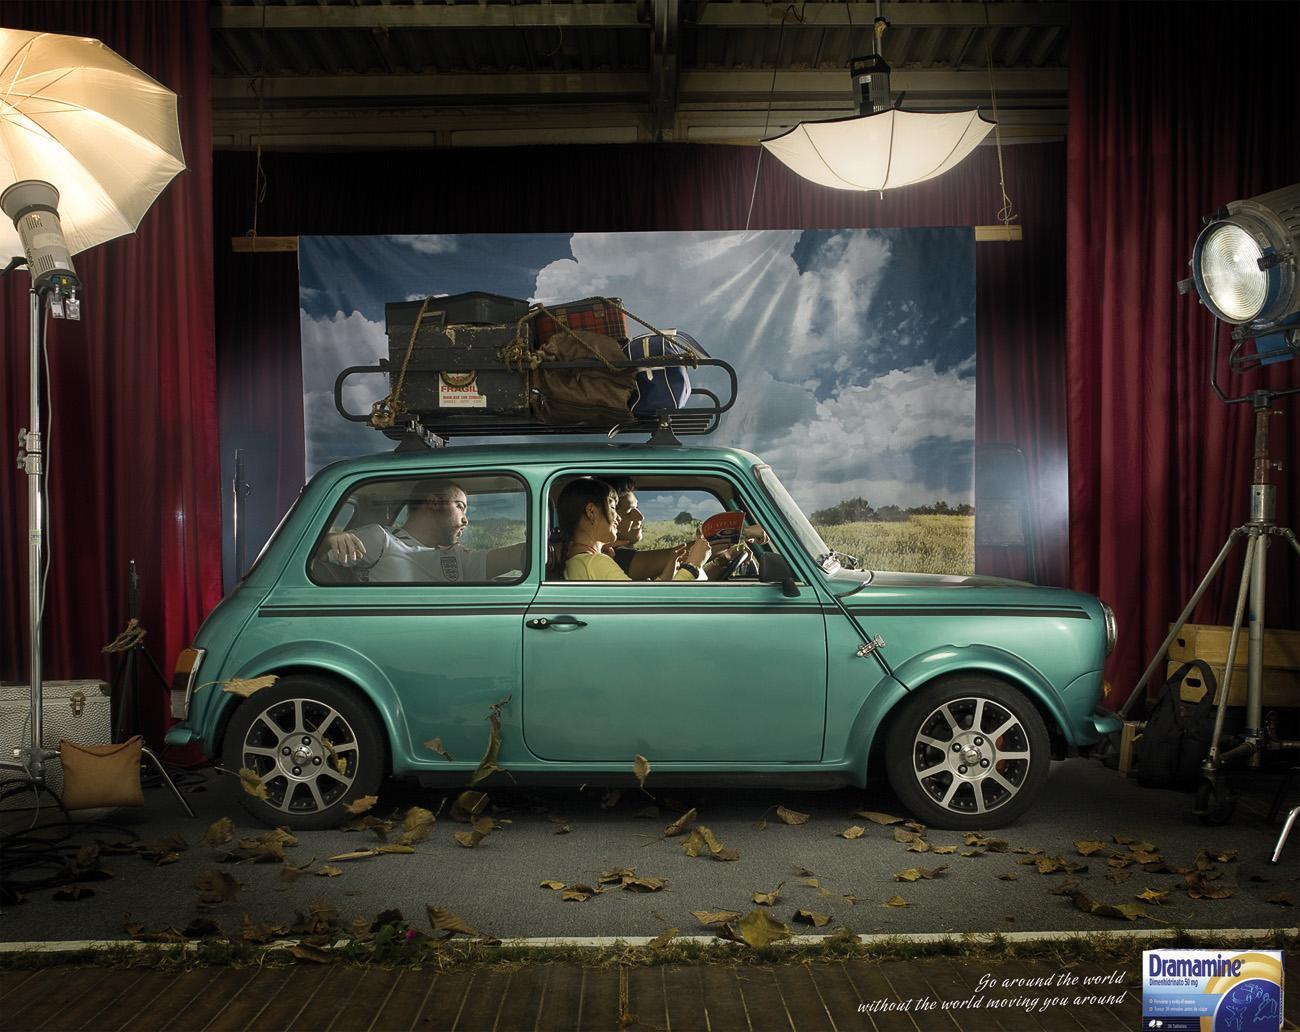 Dramamine Print Ad -  Car